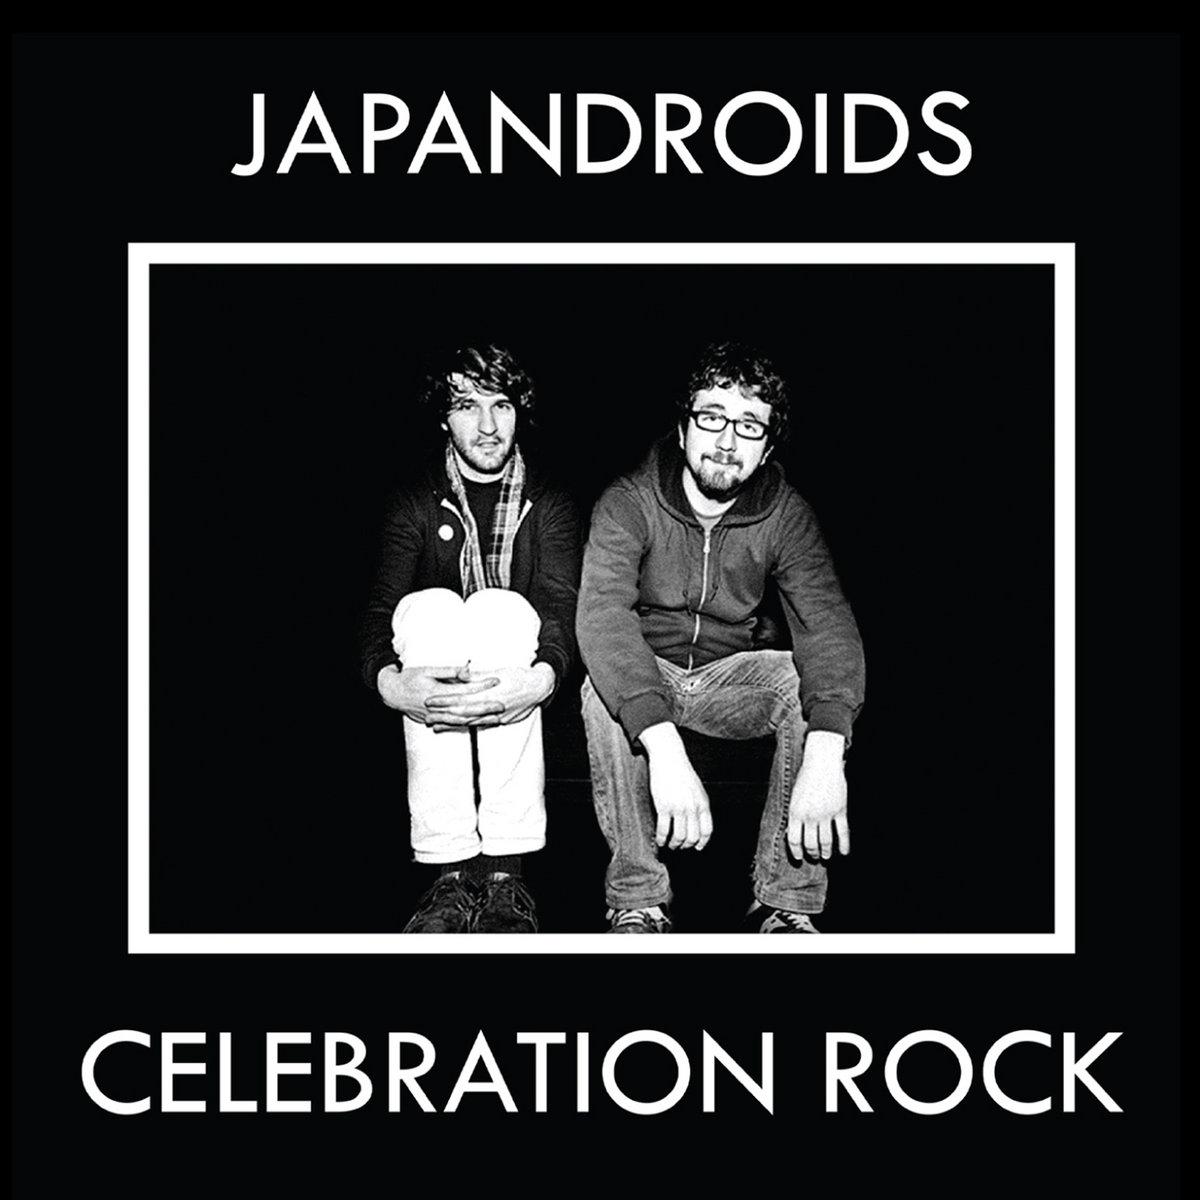 12c1d67282d Celebration Rock